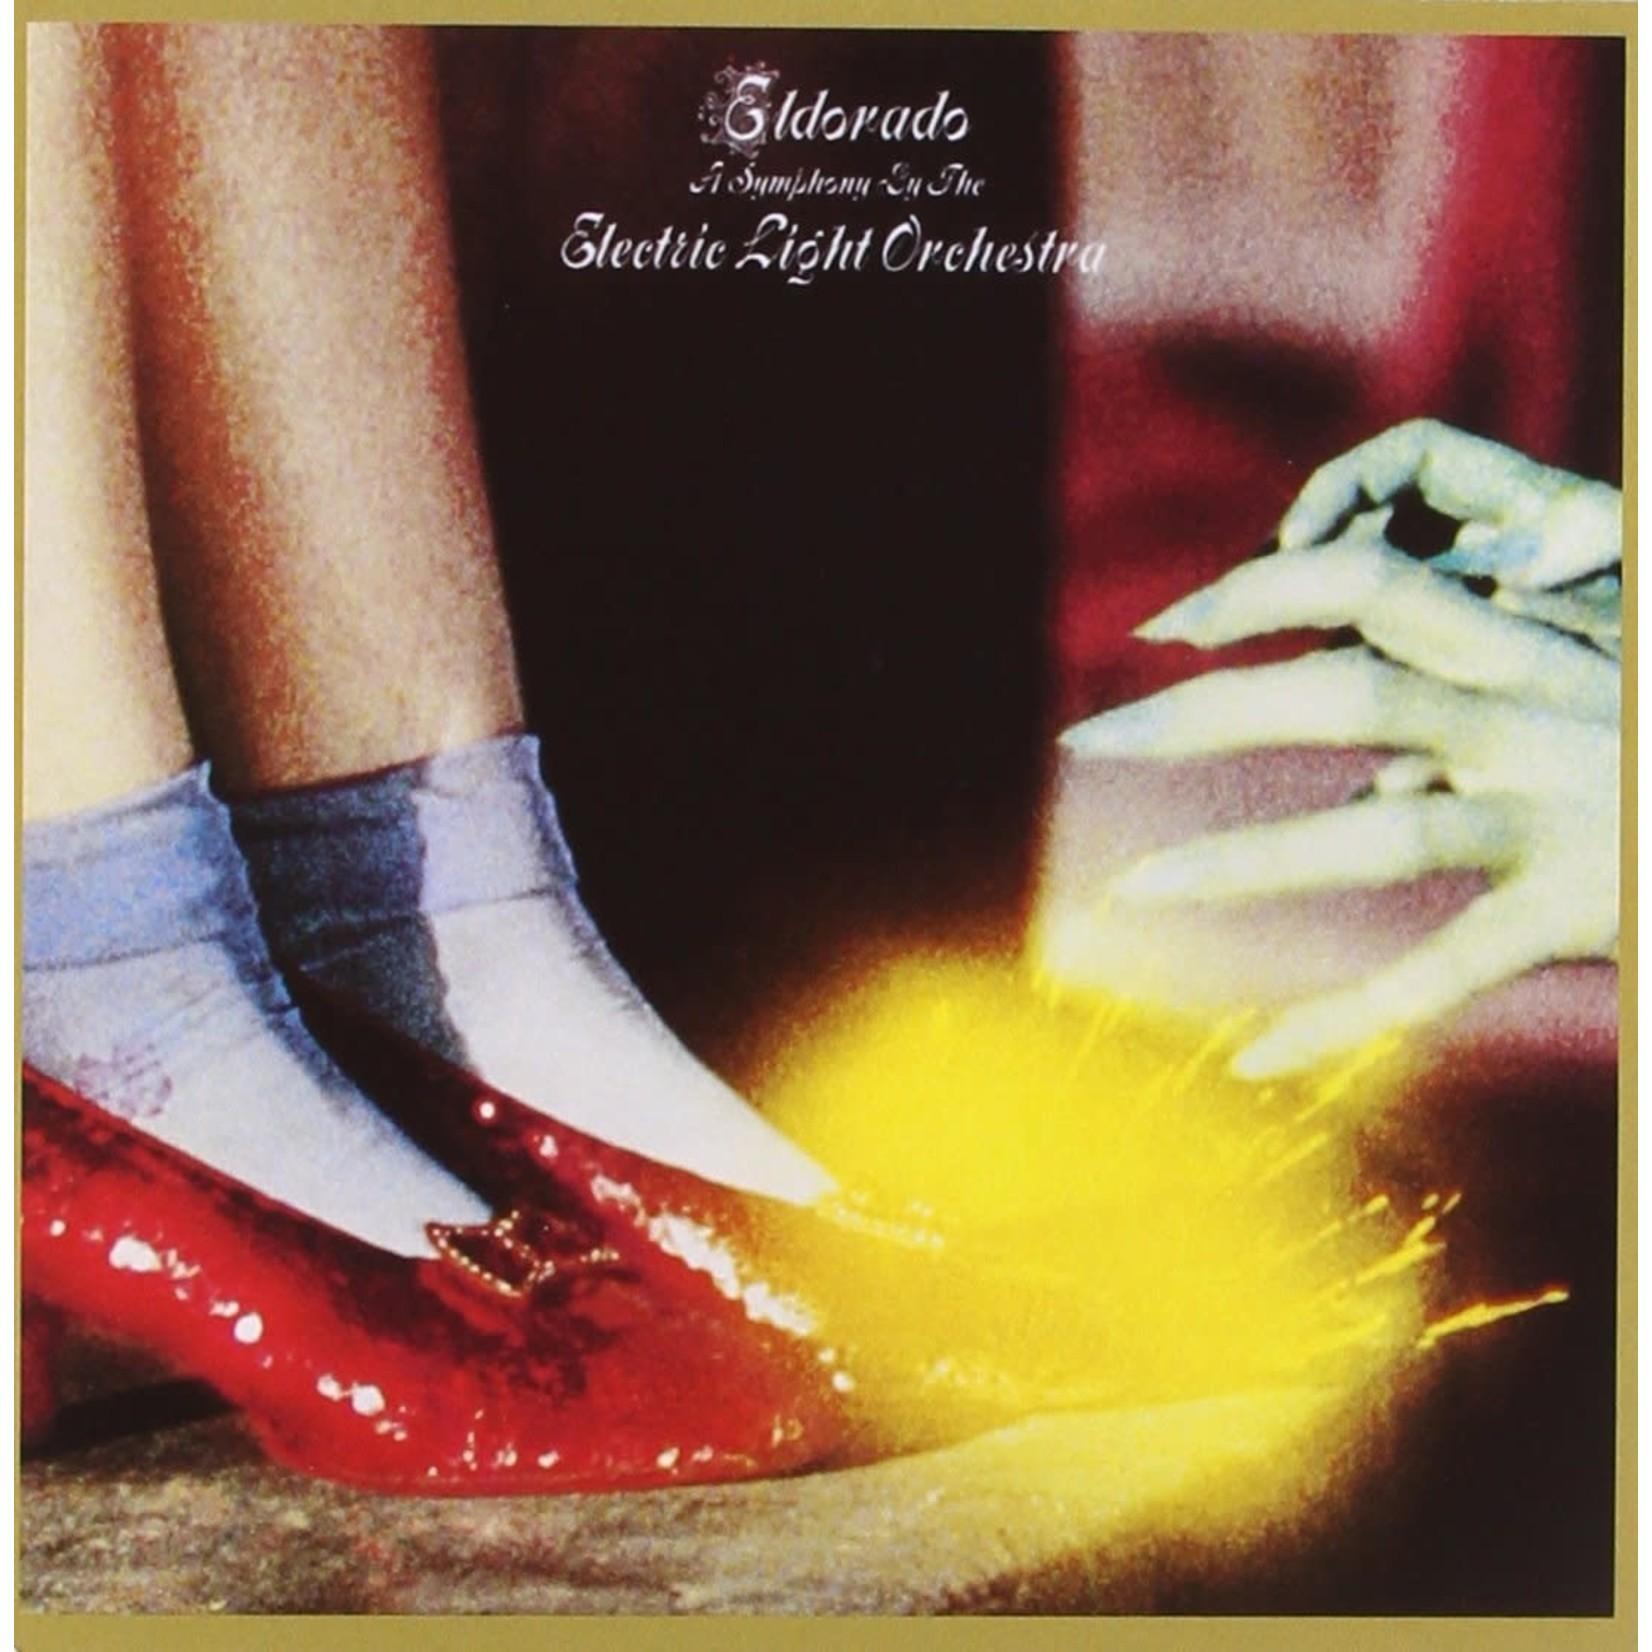 [Vintage] Electric Light Orchestra: Eldorado